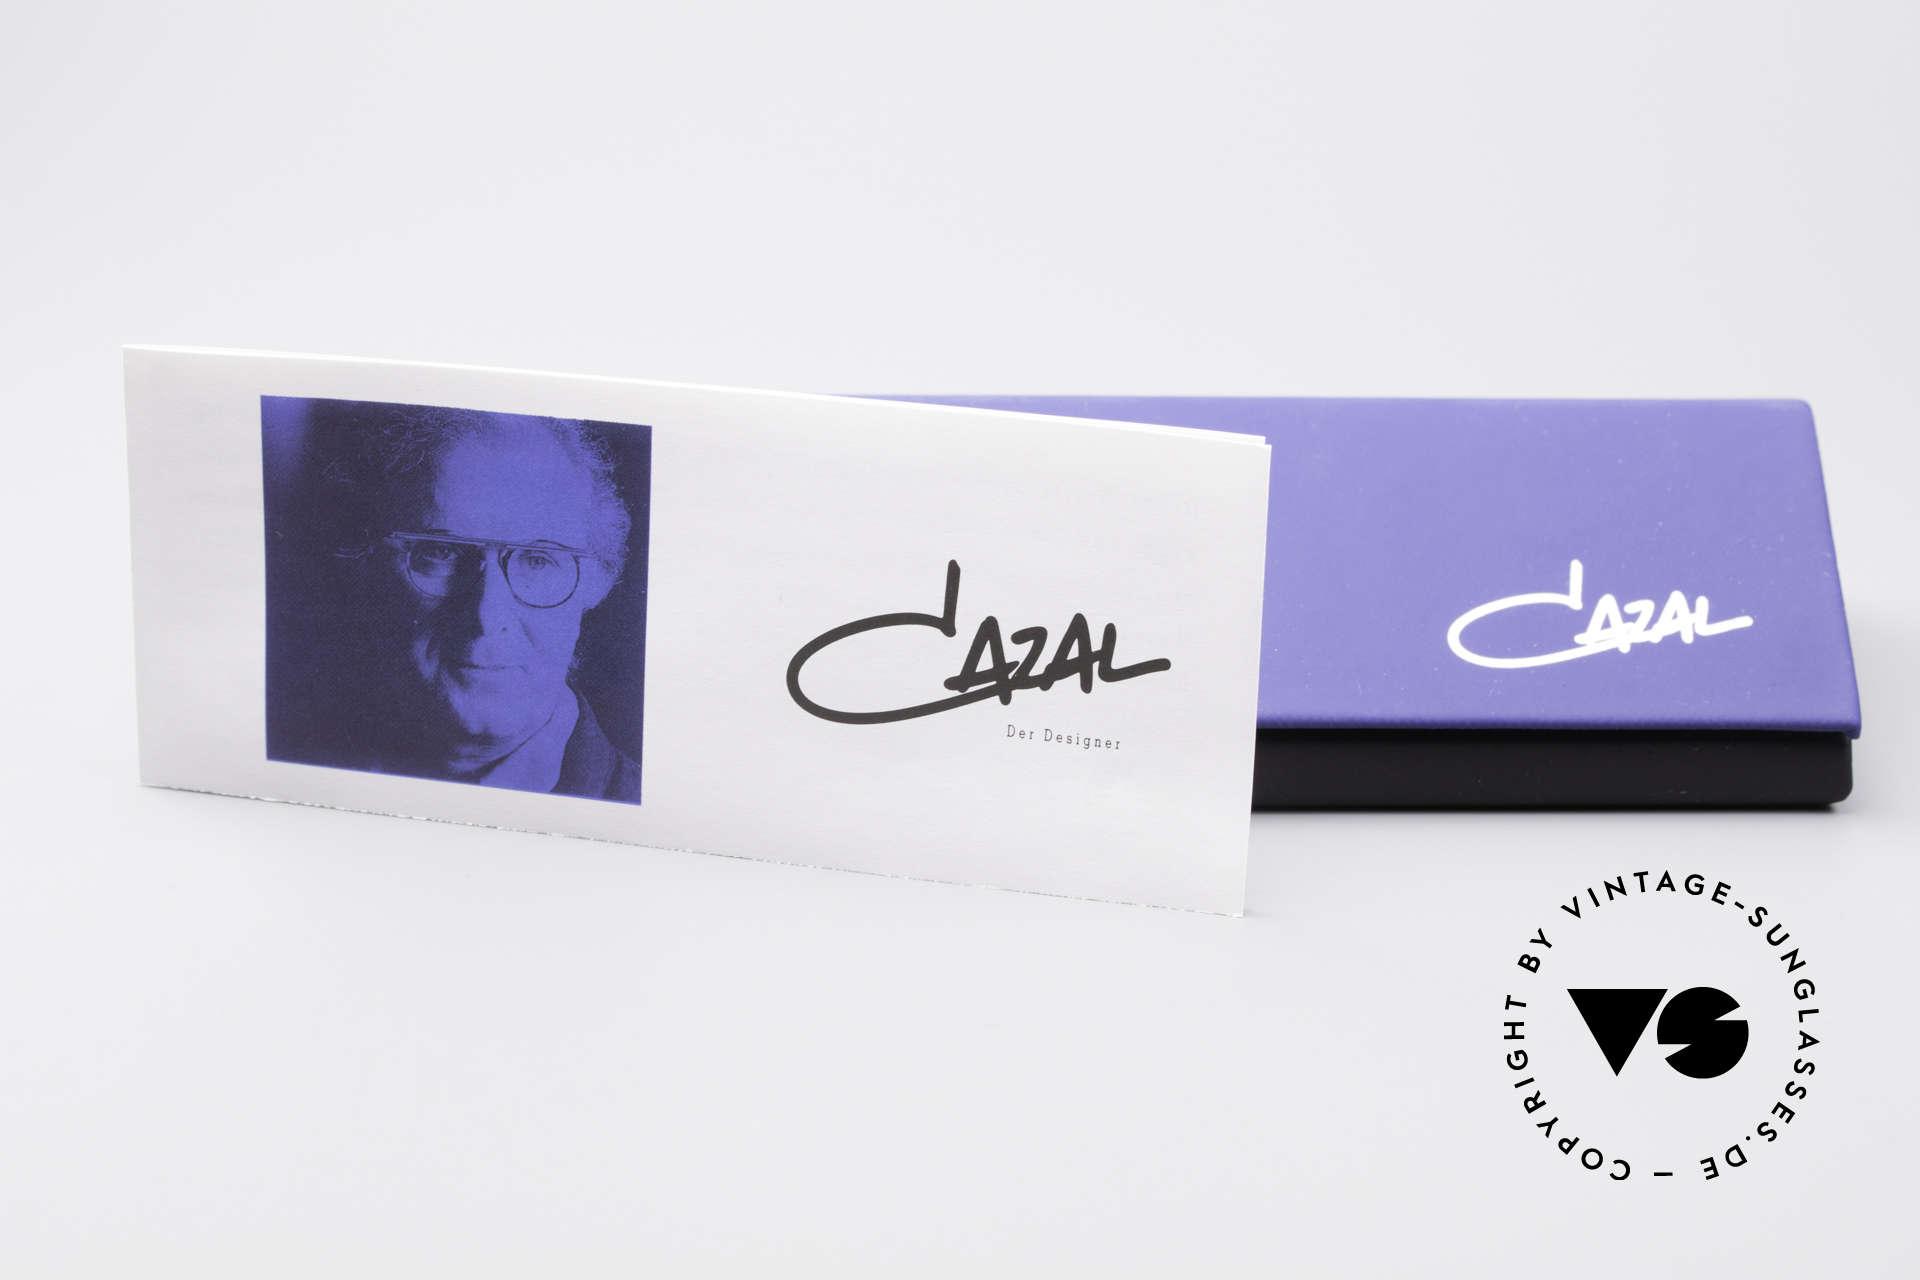 Cazal 744 90's Vintage Glasses For Men, Size: large, Made for Men